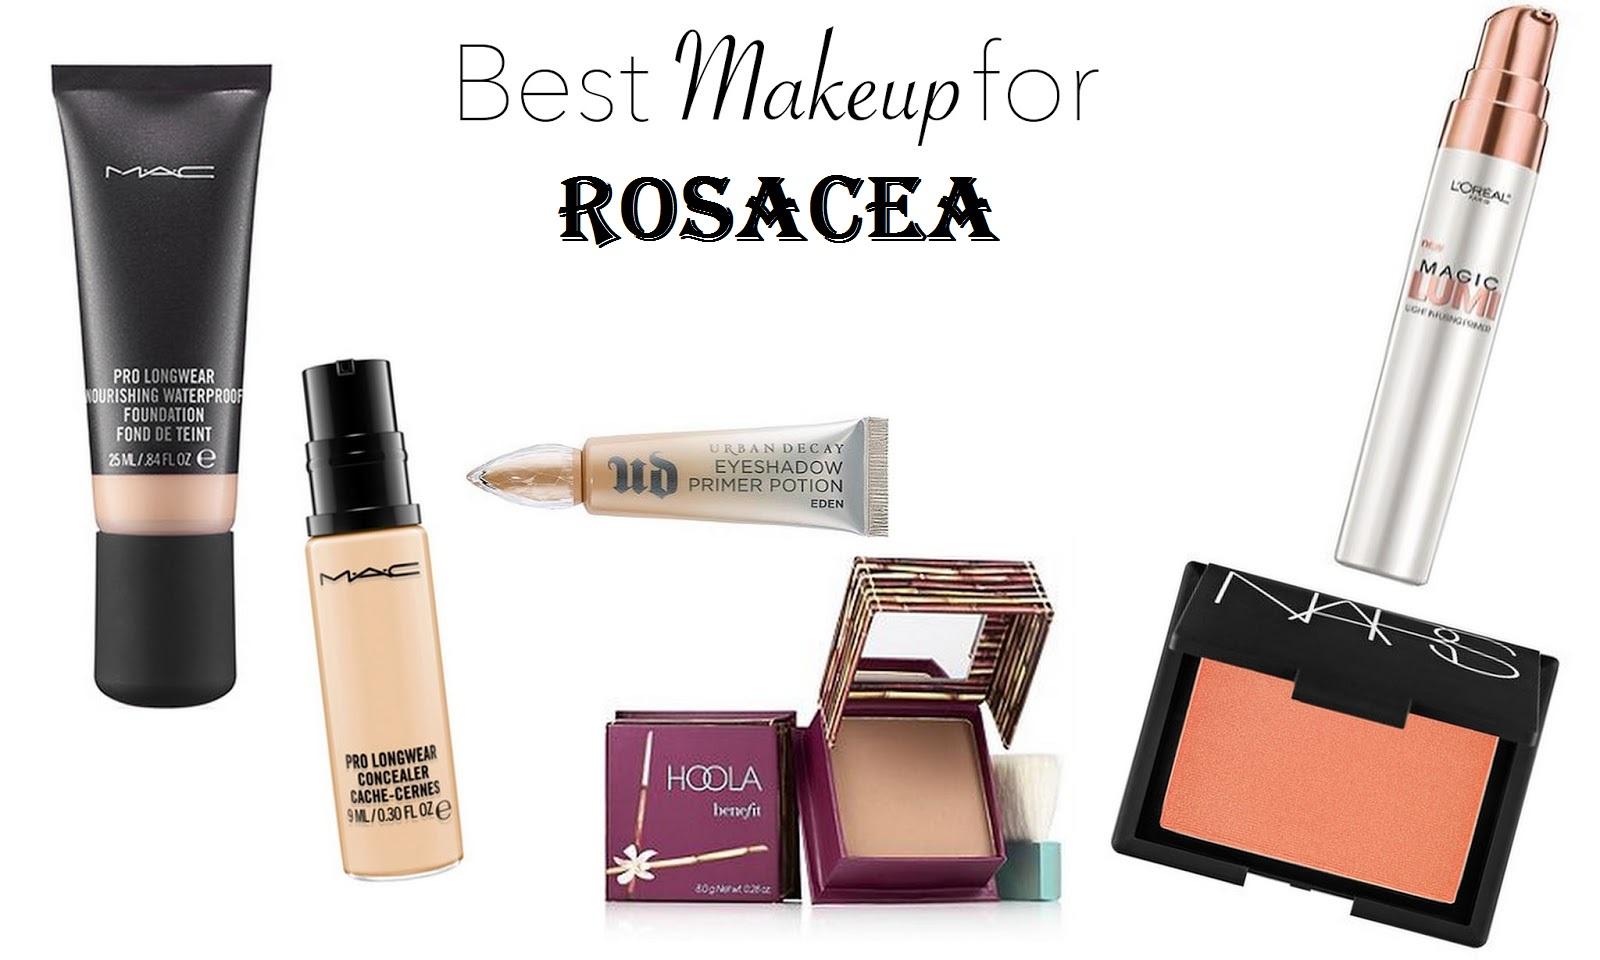 Best Makeup for Rosacea in 2017 (Top 10)